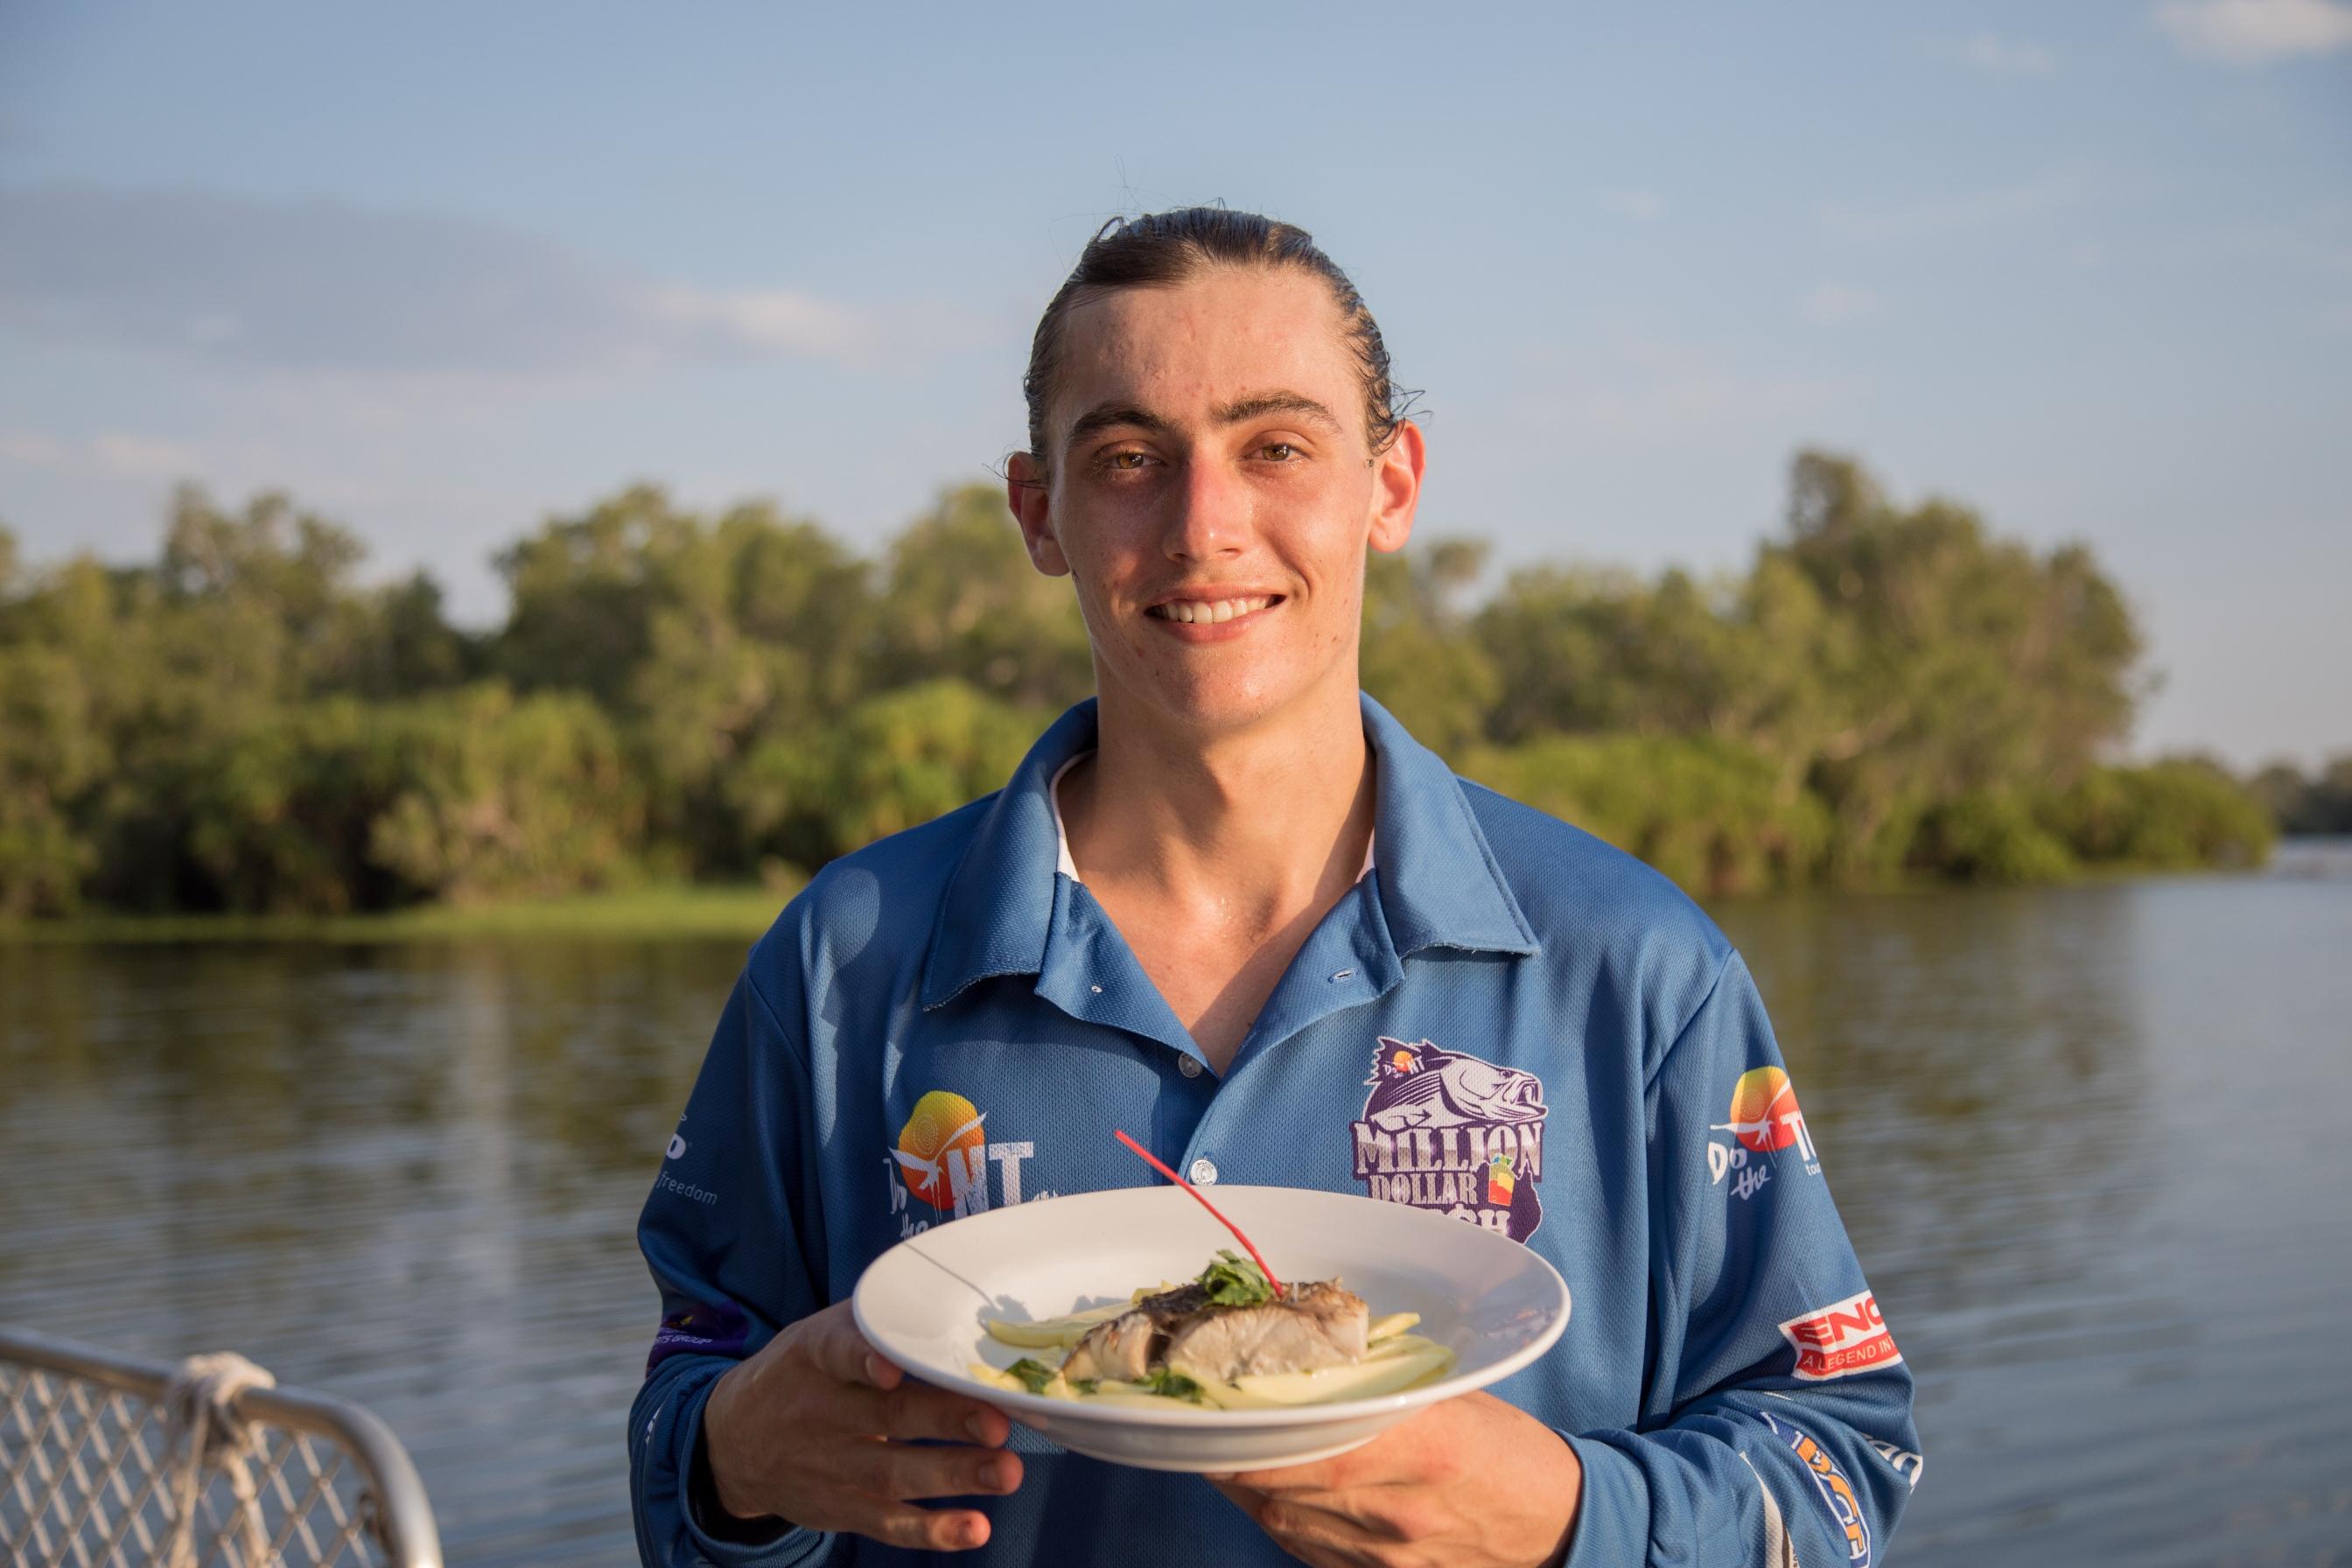 Cooinda Lodge chef Jack Higgott with his $10,000 Barramundi dish